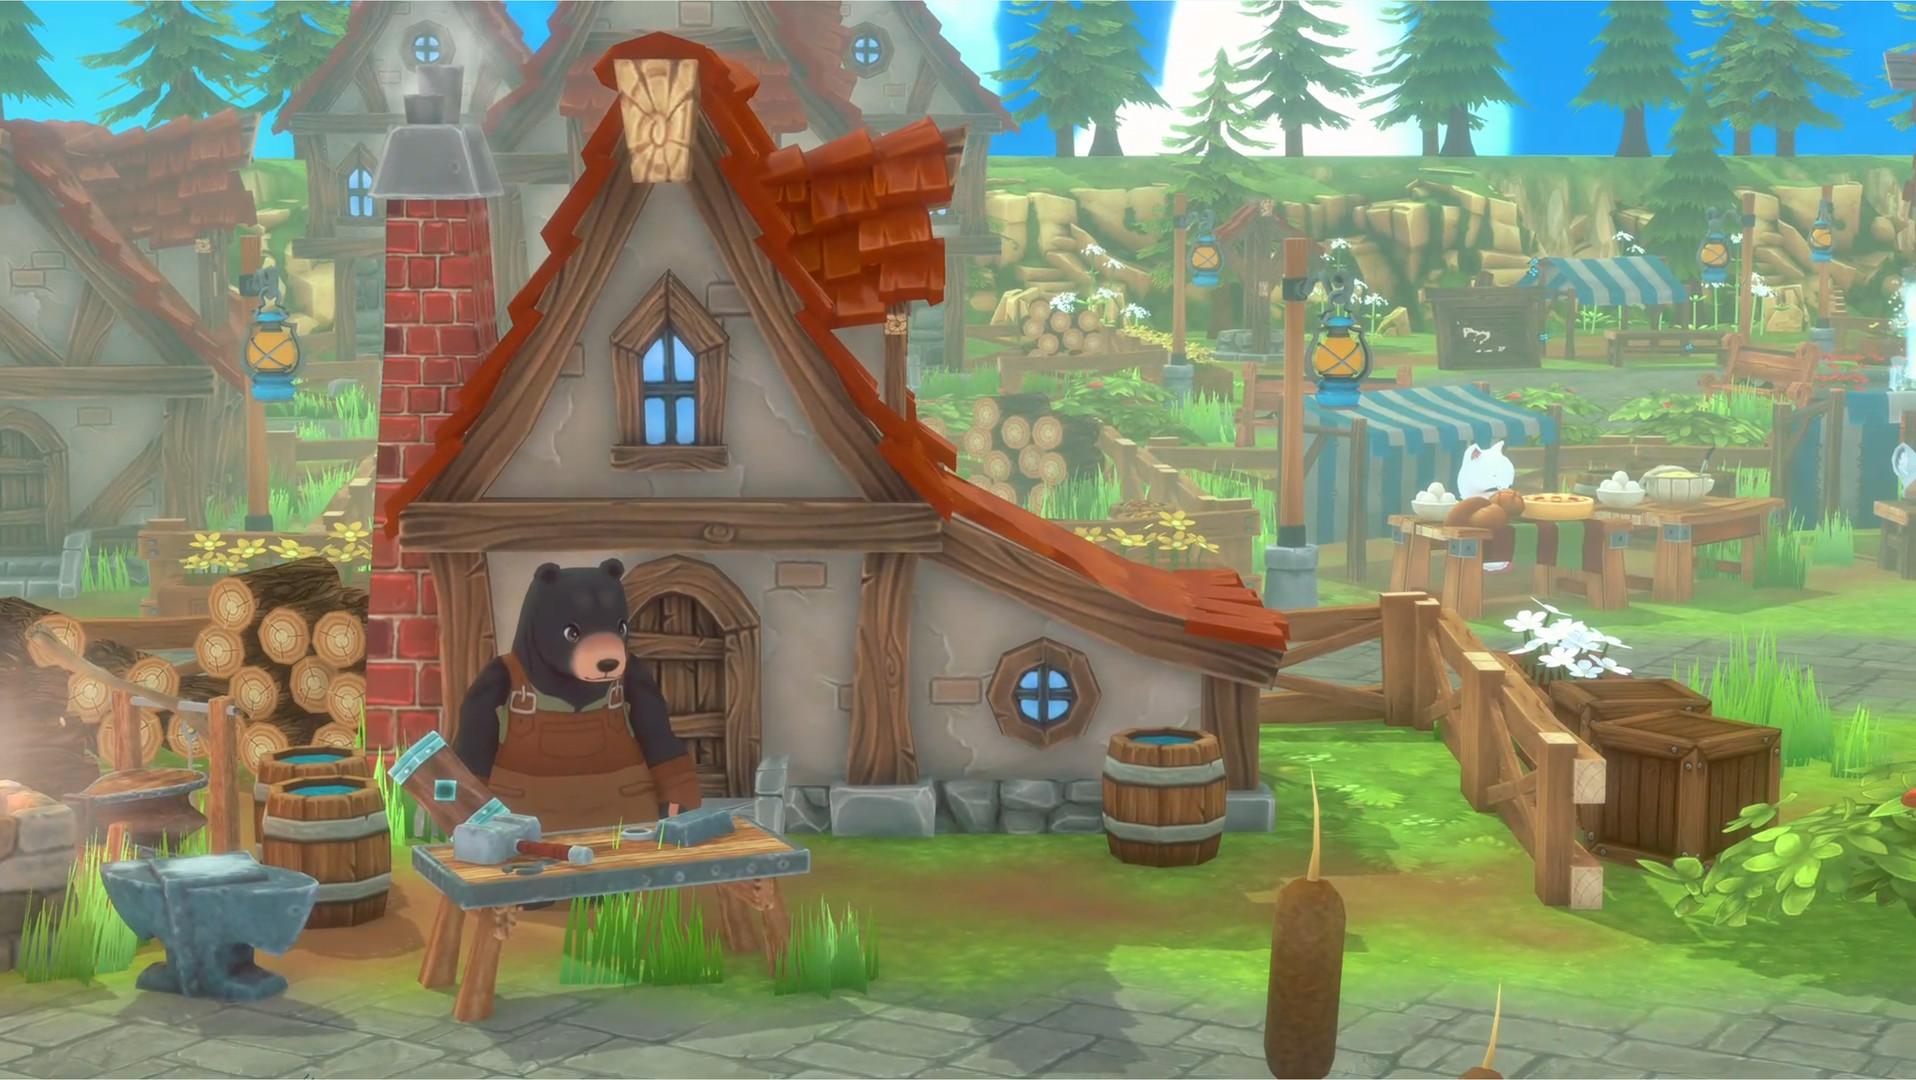 动物版符文工厂《奇塔利亚童话》公布 明年全平台发售